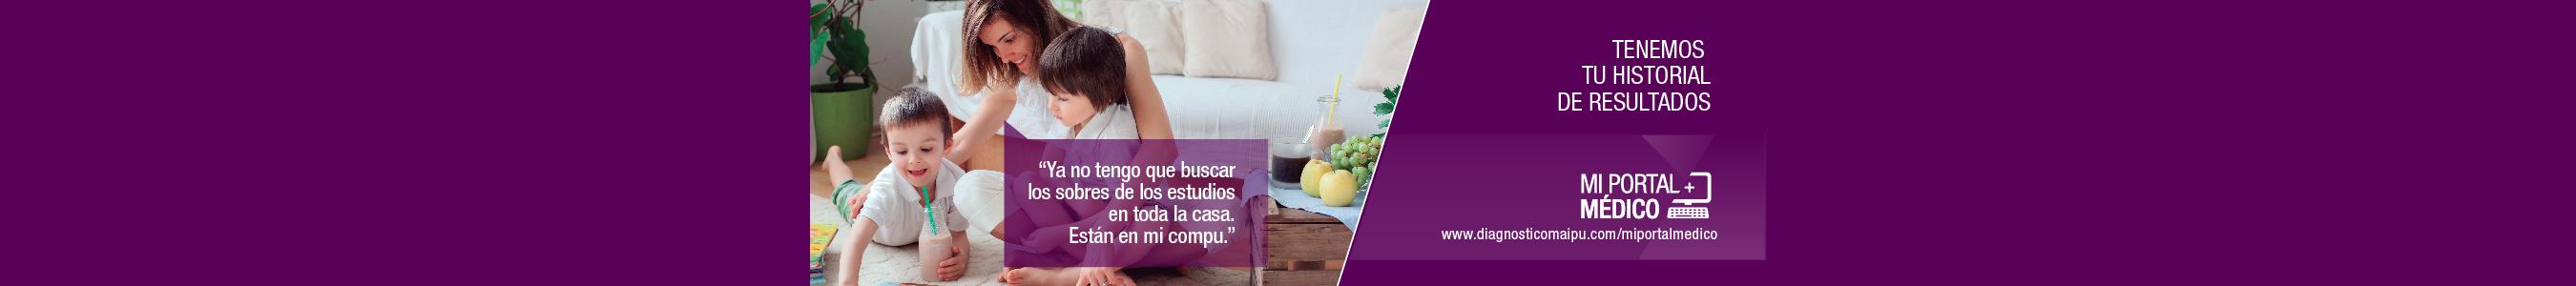 ORIG_Banner-Web_Campaa-Nueva-MPM-01